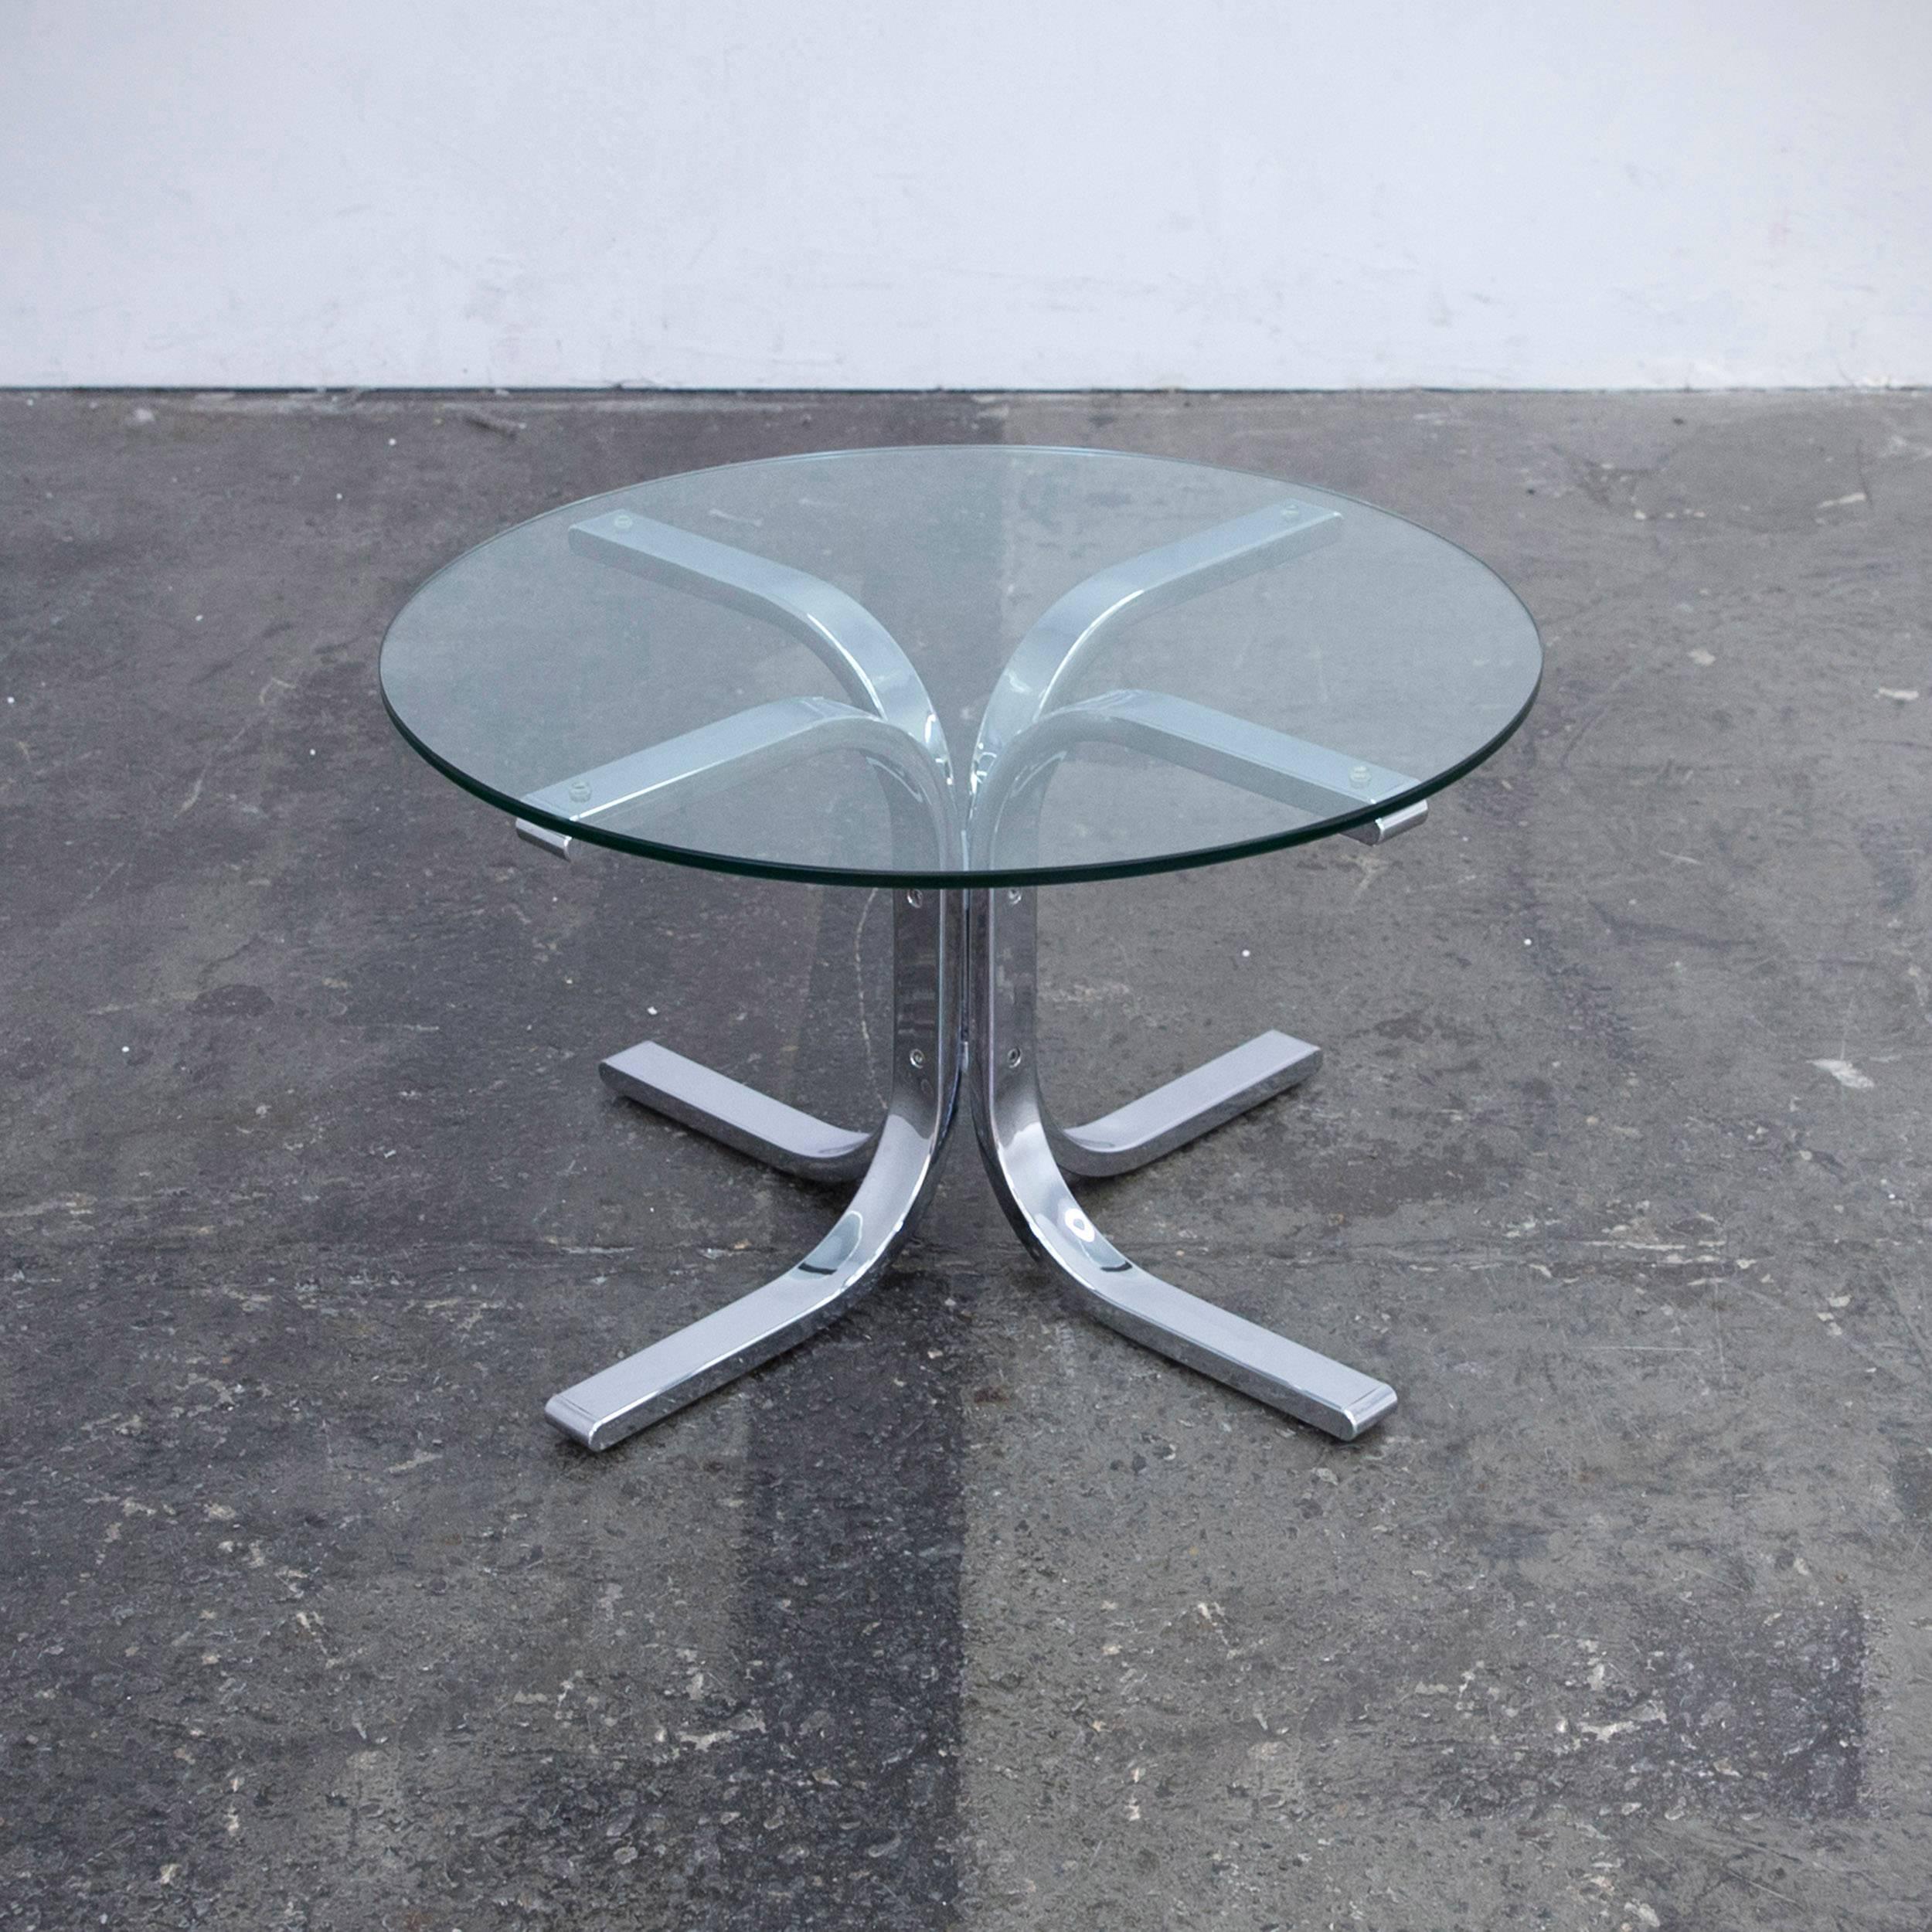 Designer tisch glas amazing nett chrom glas design tisch for Designer tisch glas